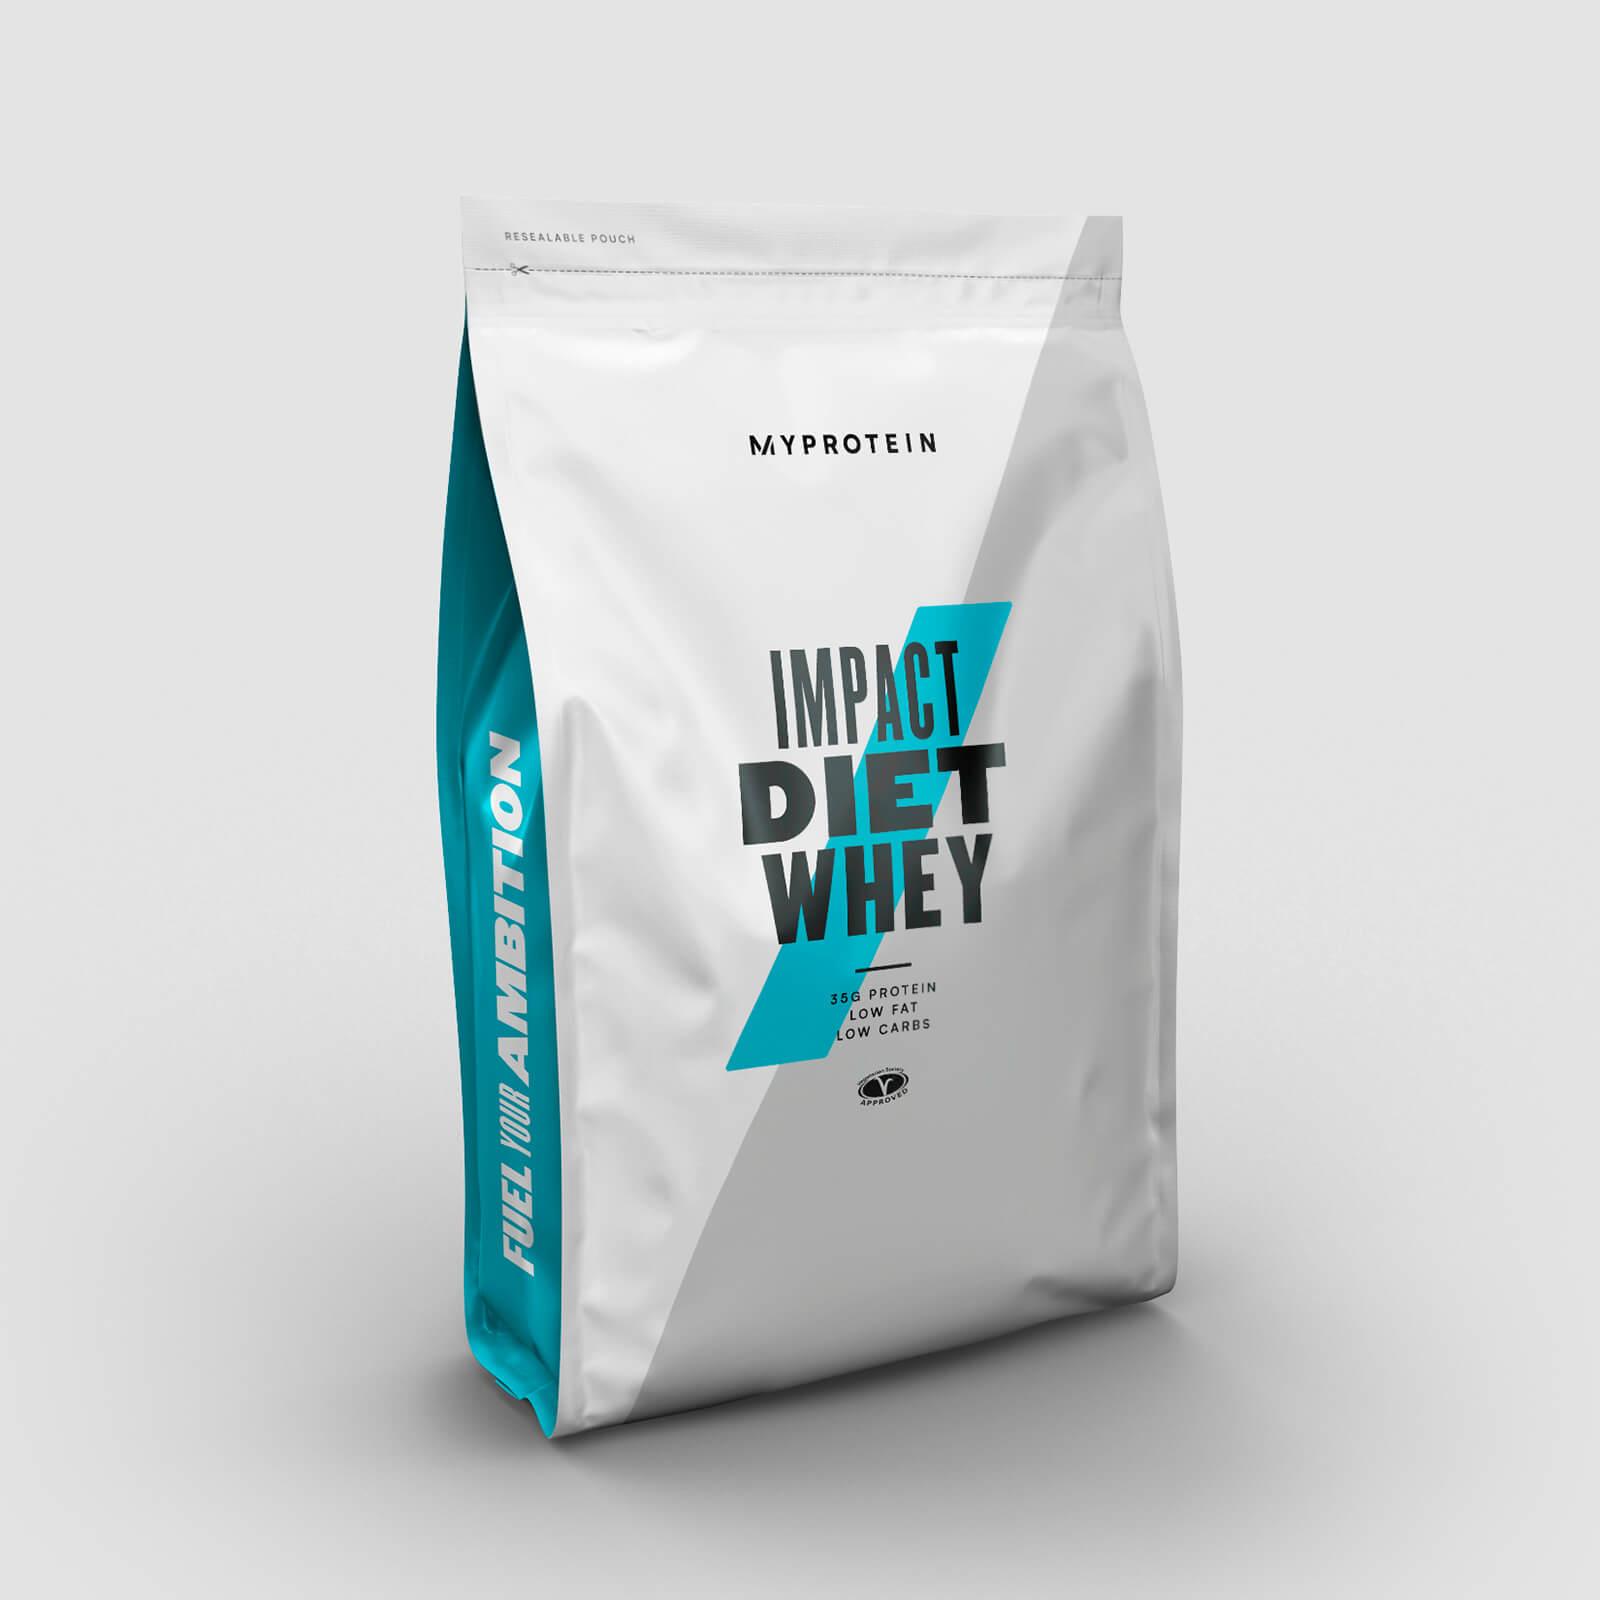 Meilleure Whey protéine pour perdre du poids